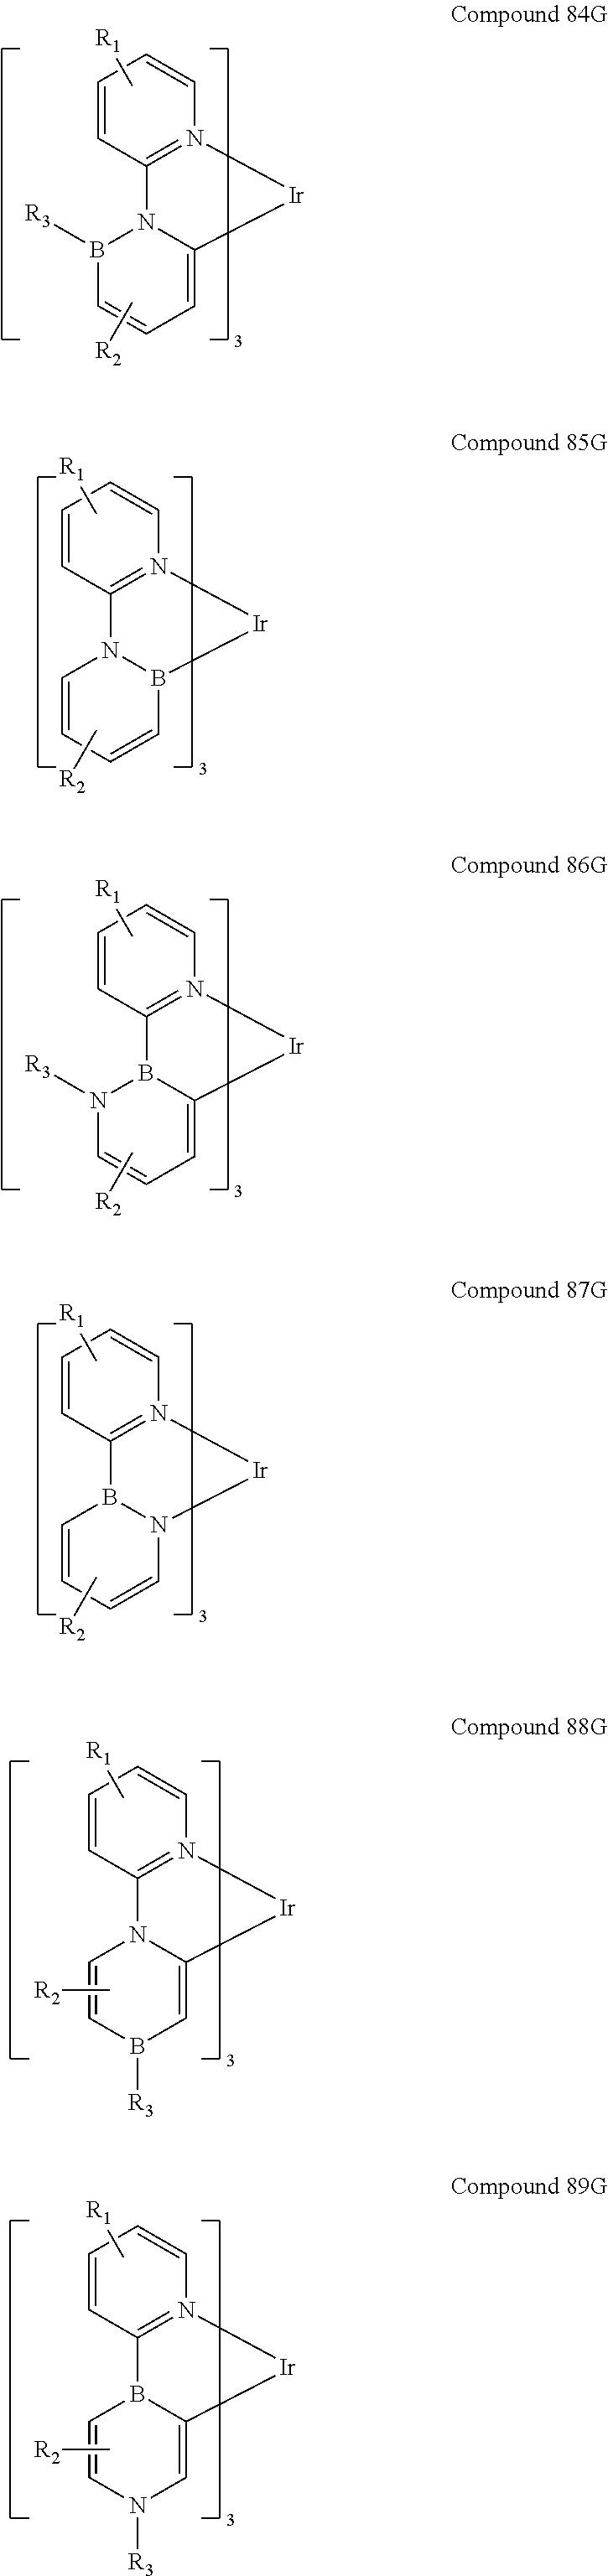 Figure US08586203-20131119-C00150